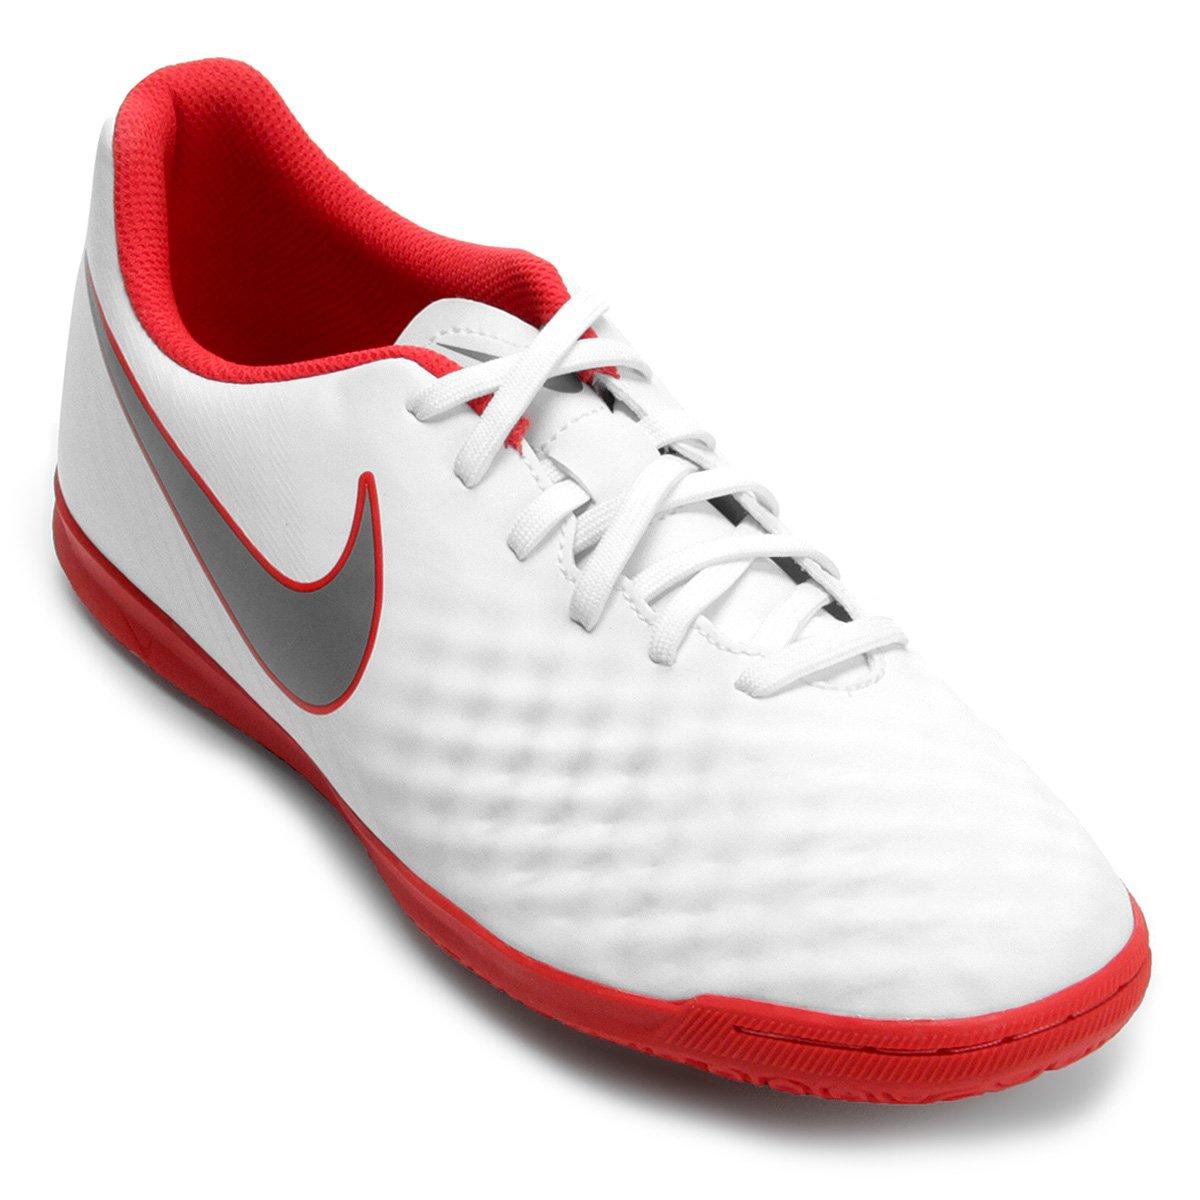 9c6addef92e Chuteira Futsal Nike Magista Obra 2 Club IC - Compre Agora